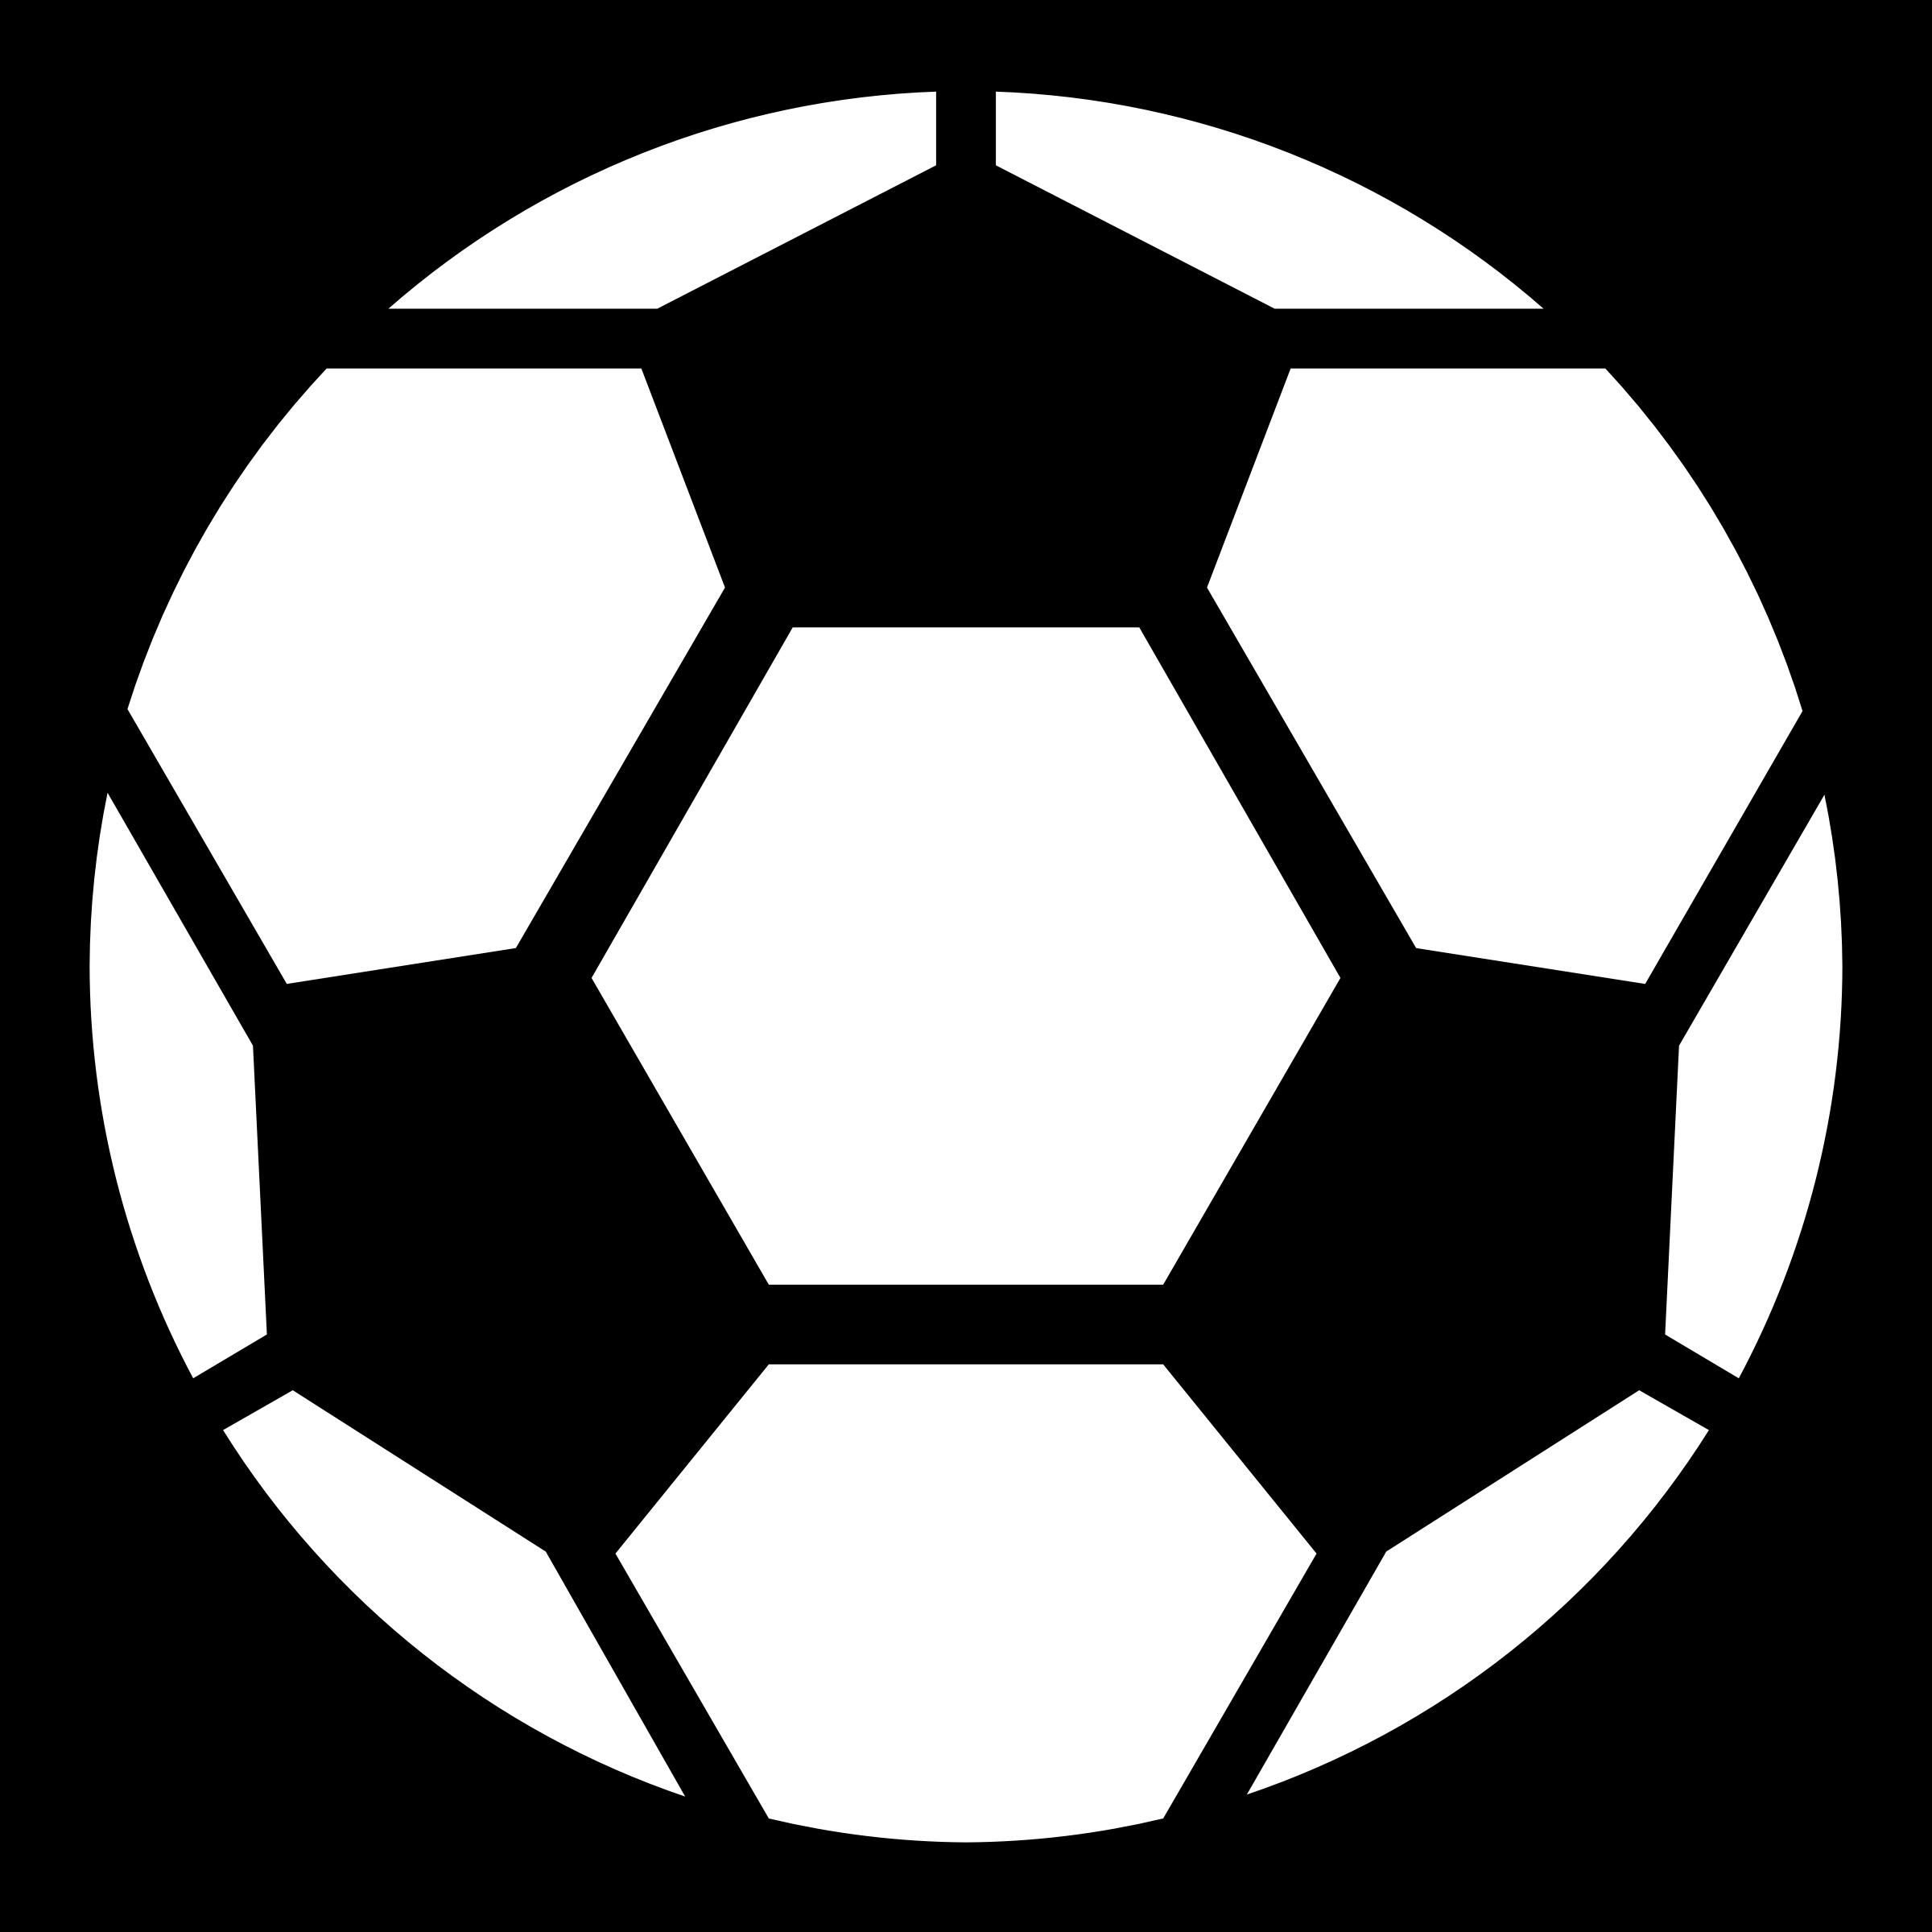 2400x2400 Clipart Soccer Ball